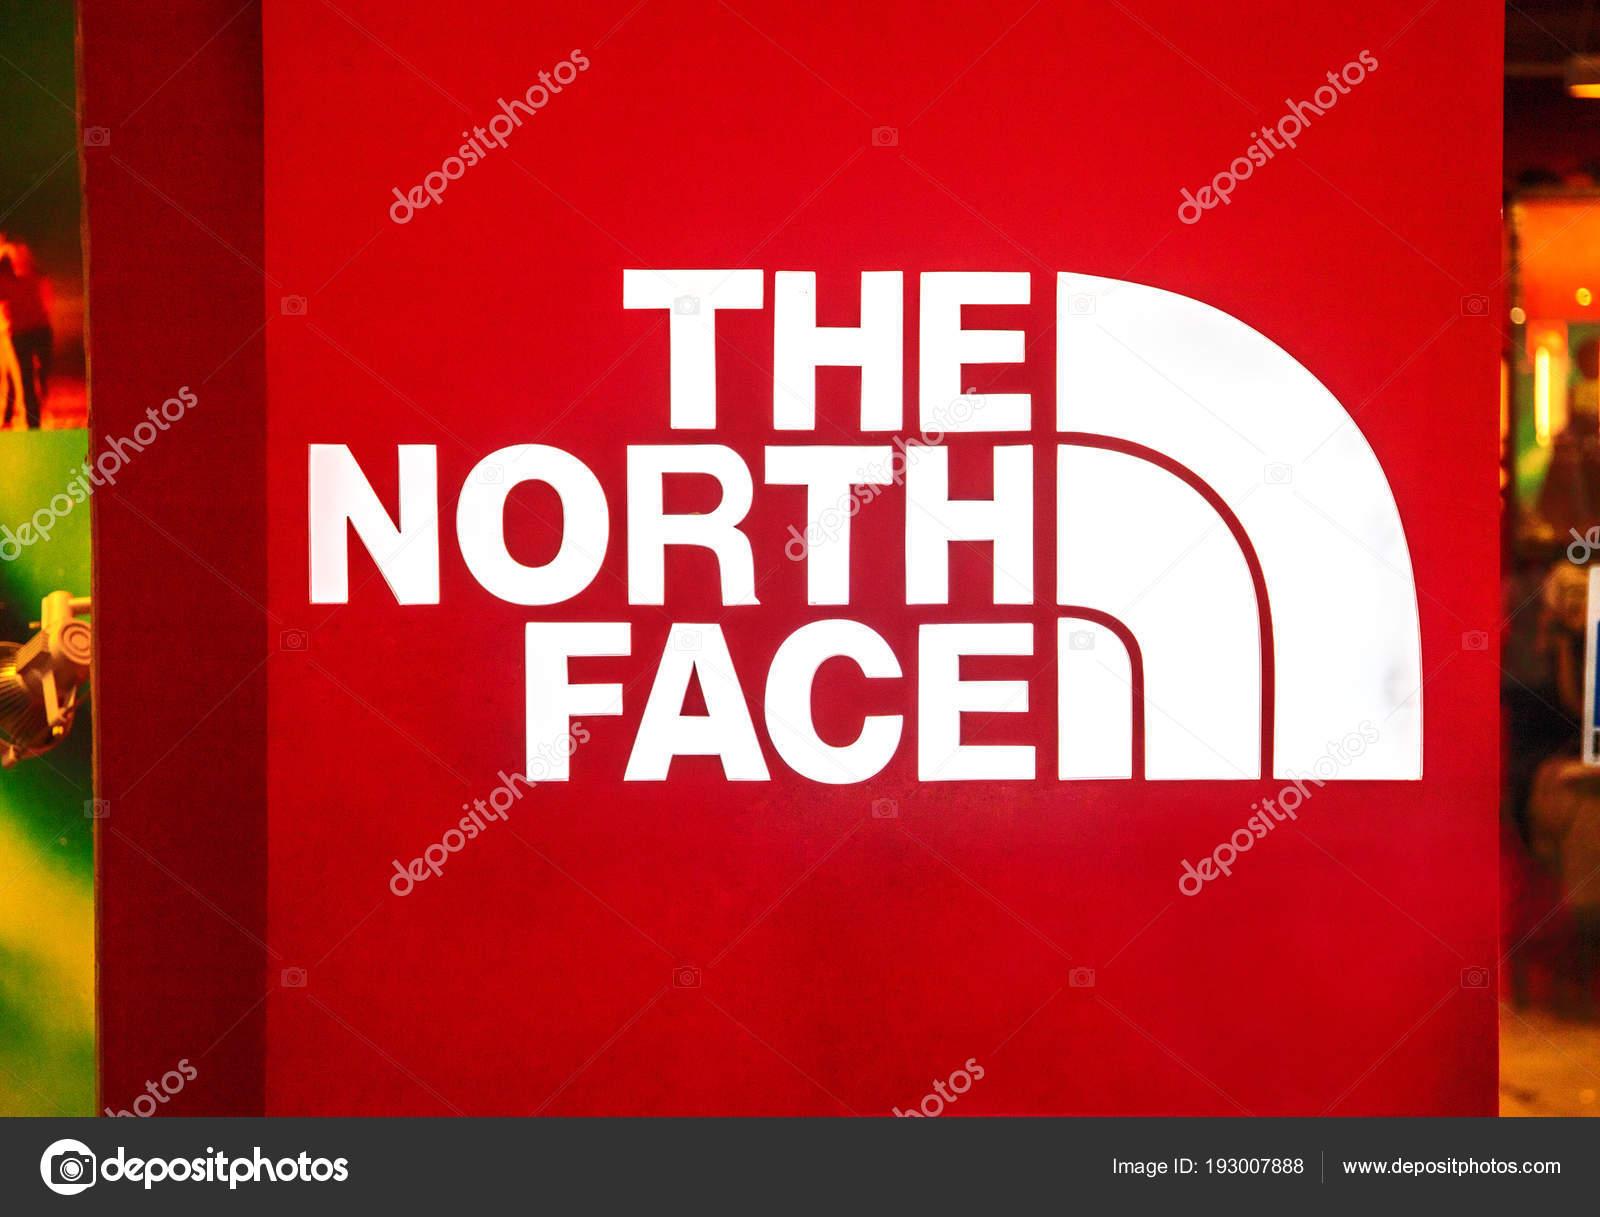 オブ アジアでの有名なブランドのロゴ。アウトドアウェア ブランド。赤と白のファッションのラベル。アクティブなライフ スタイルのための ファッションブランド